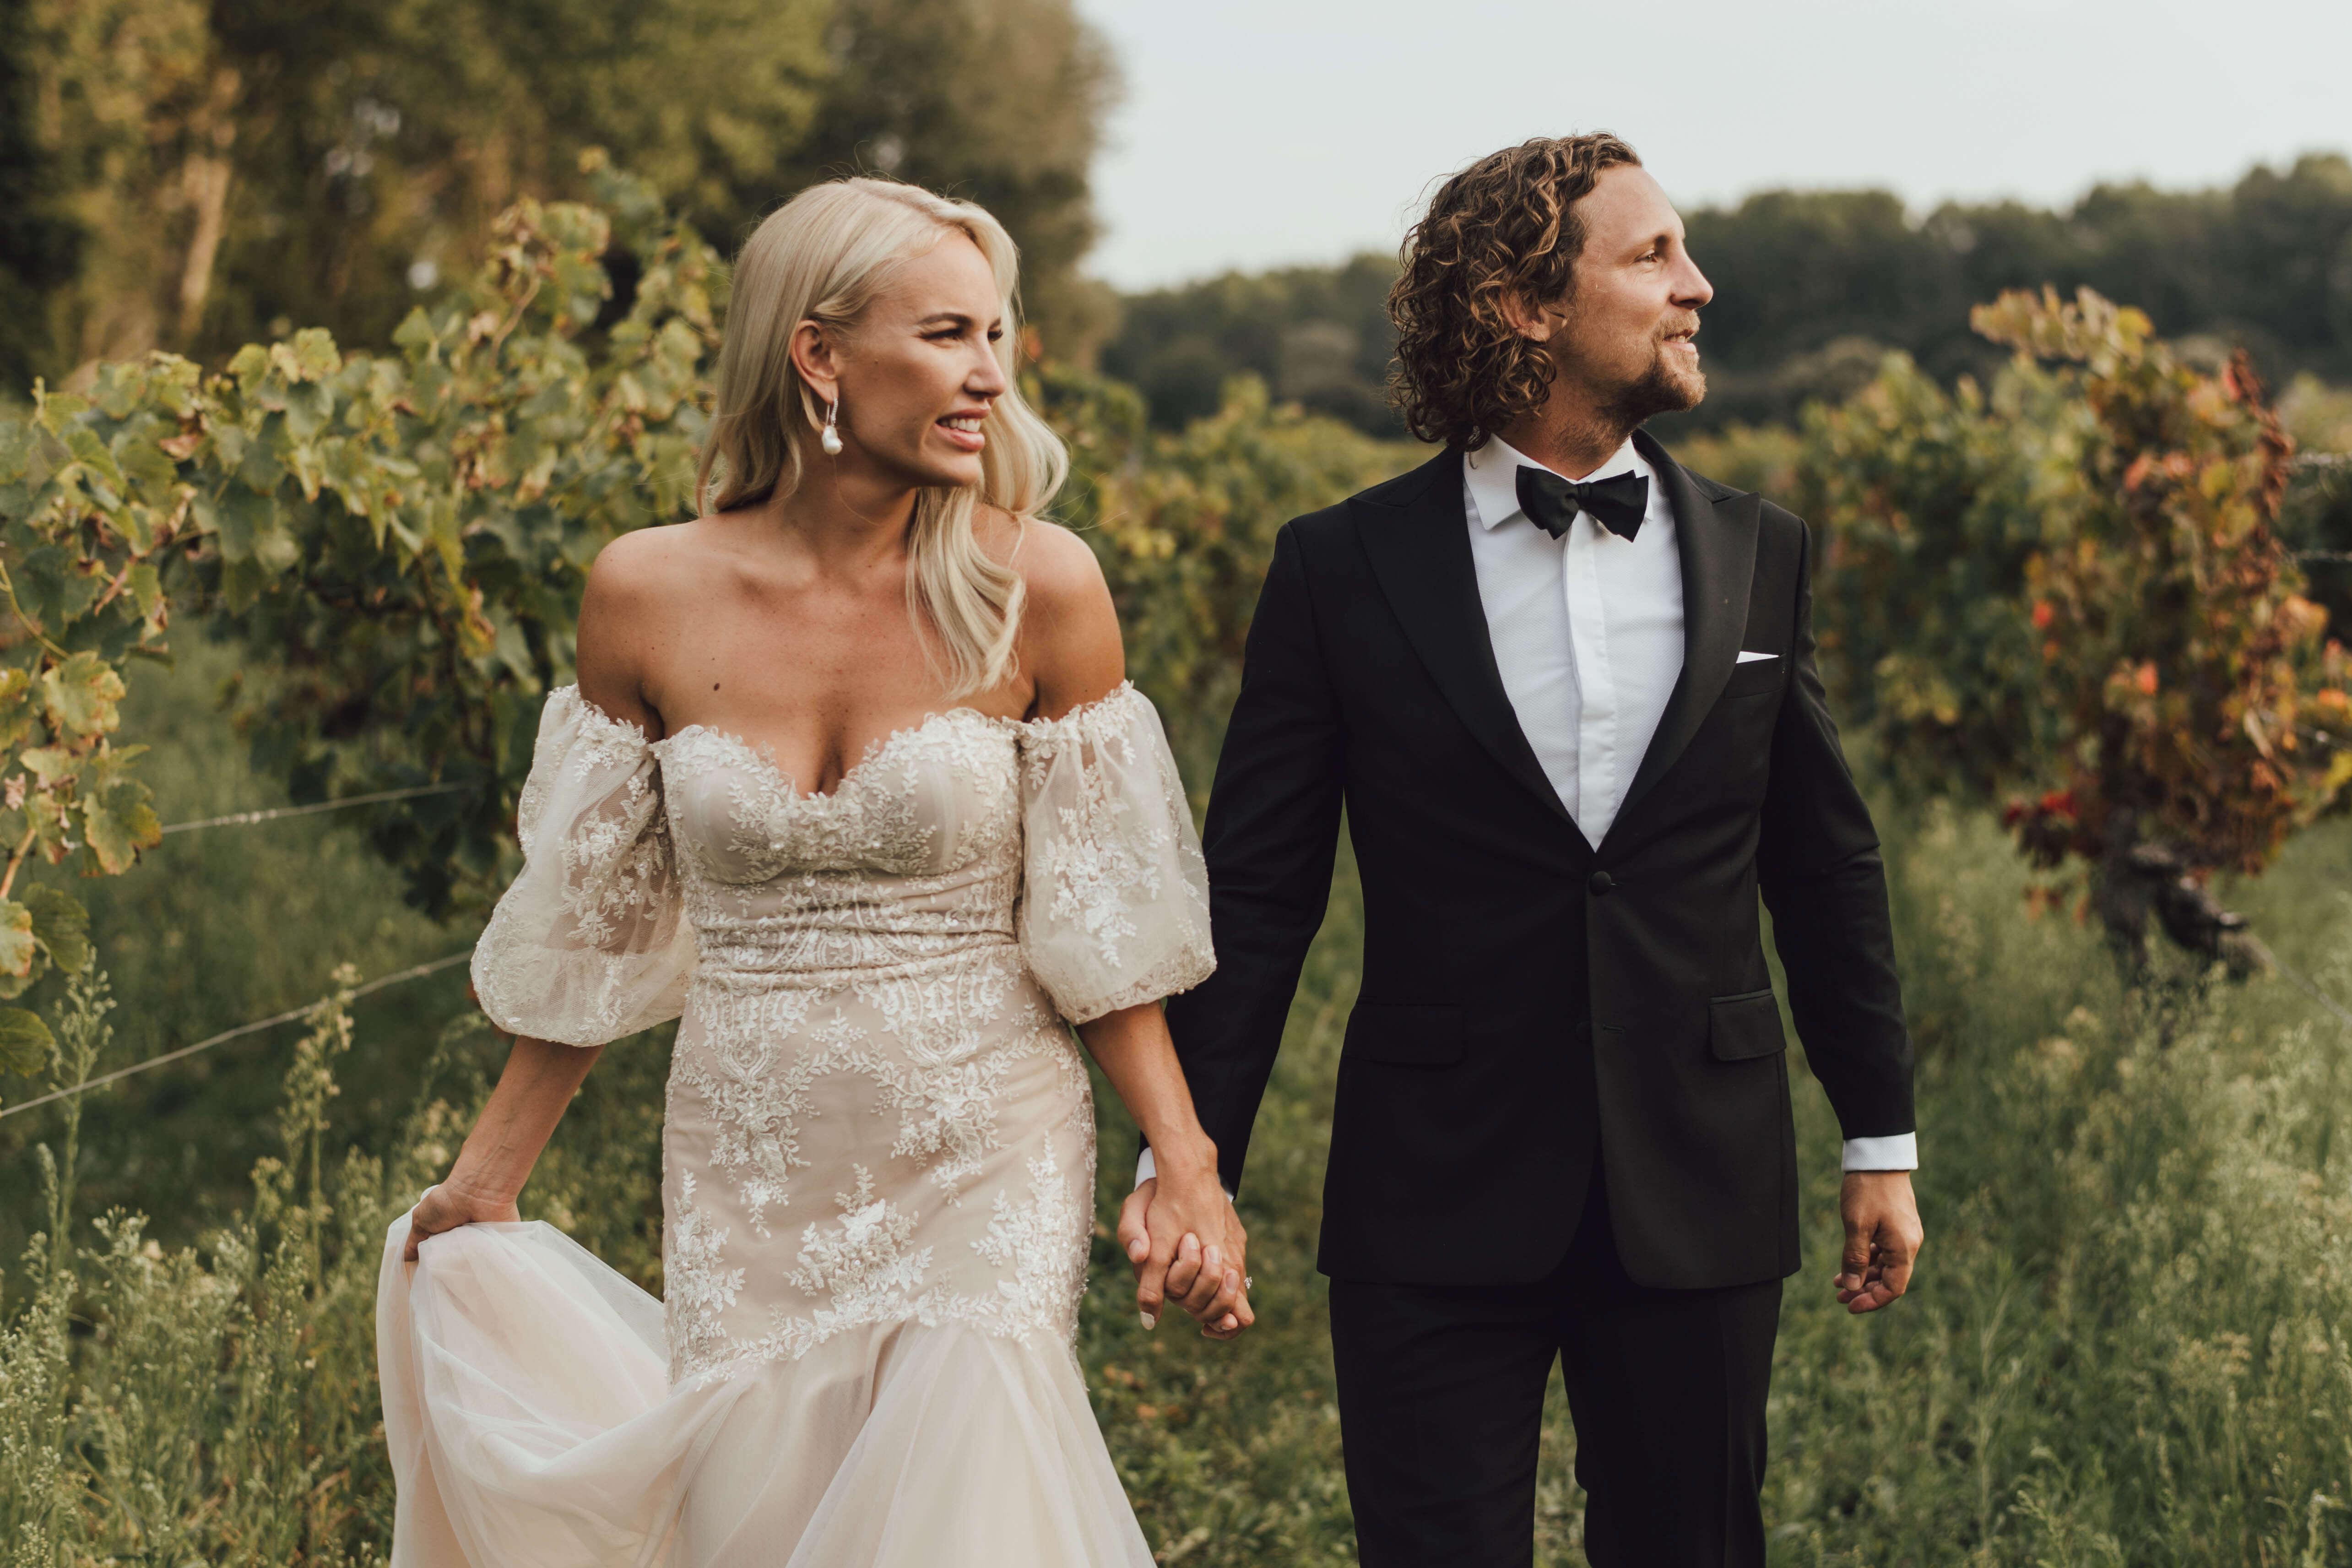 Vad du ska göra med din bröllopsklänning. Vad man ska göra